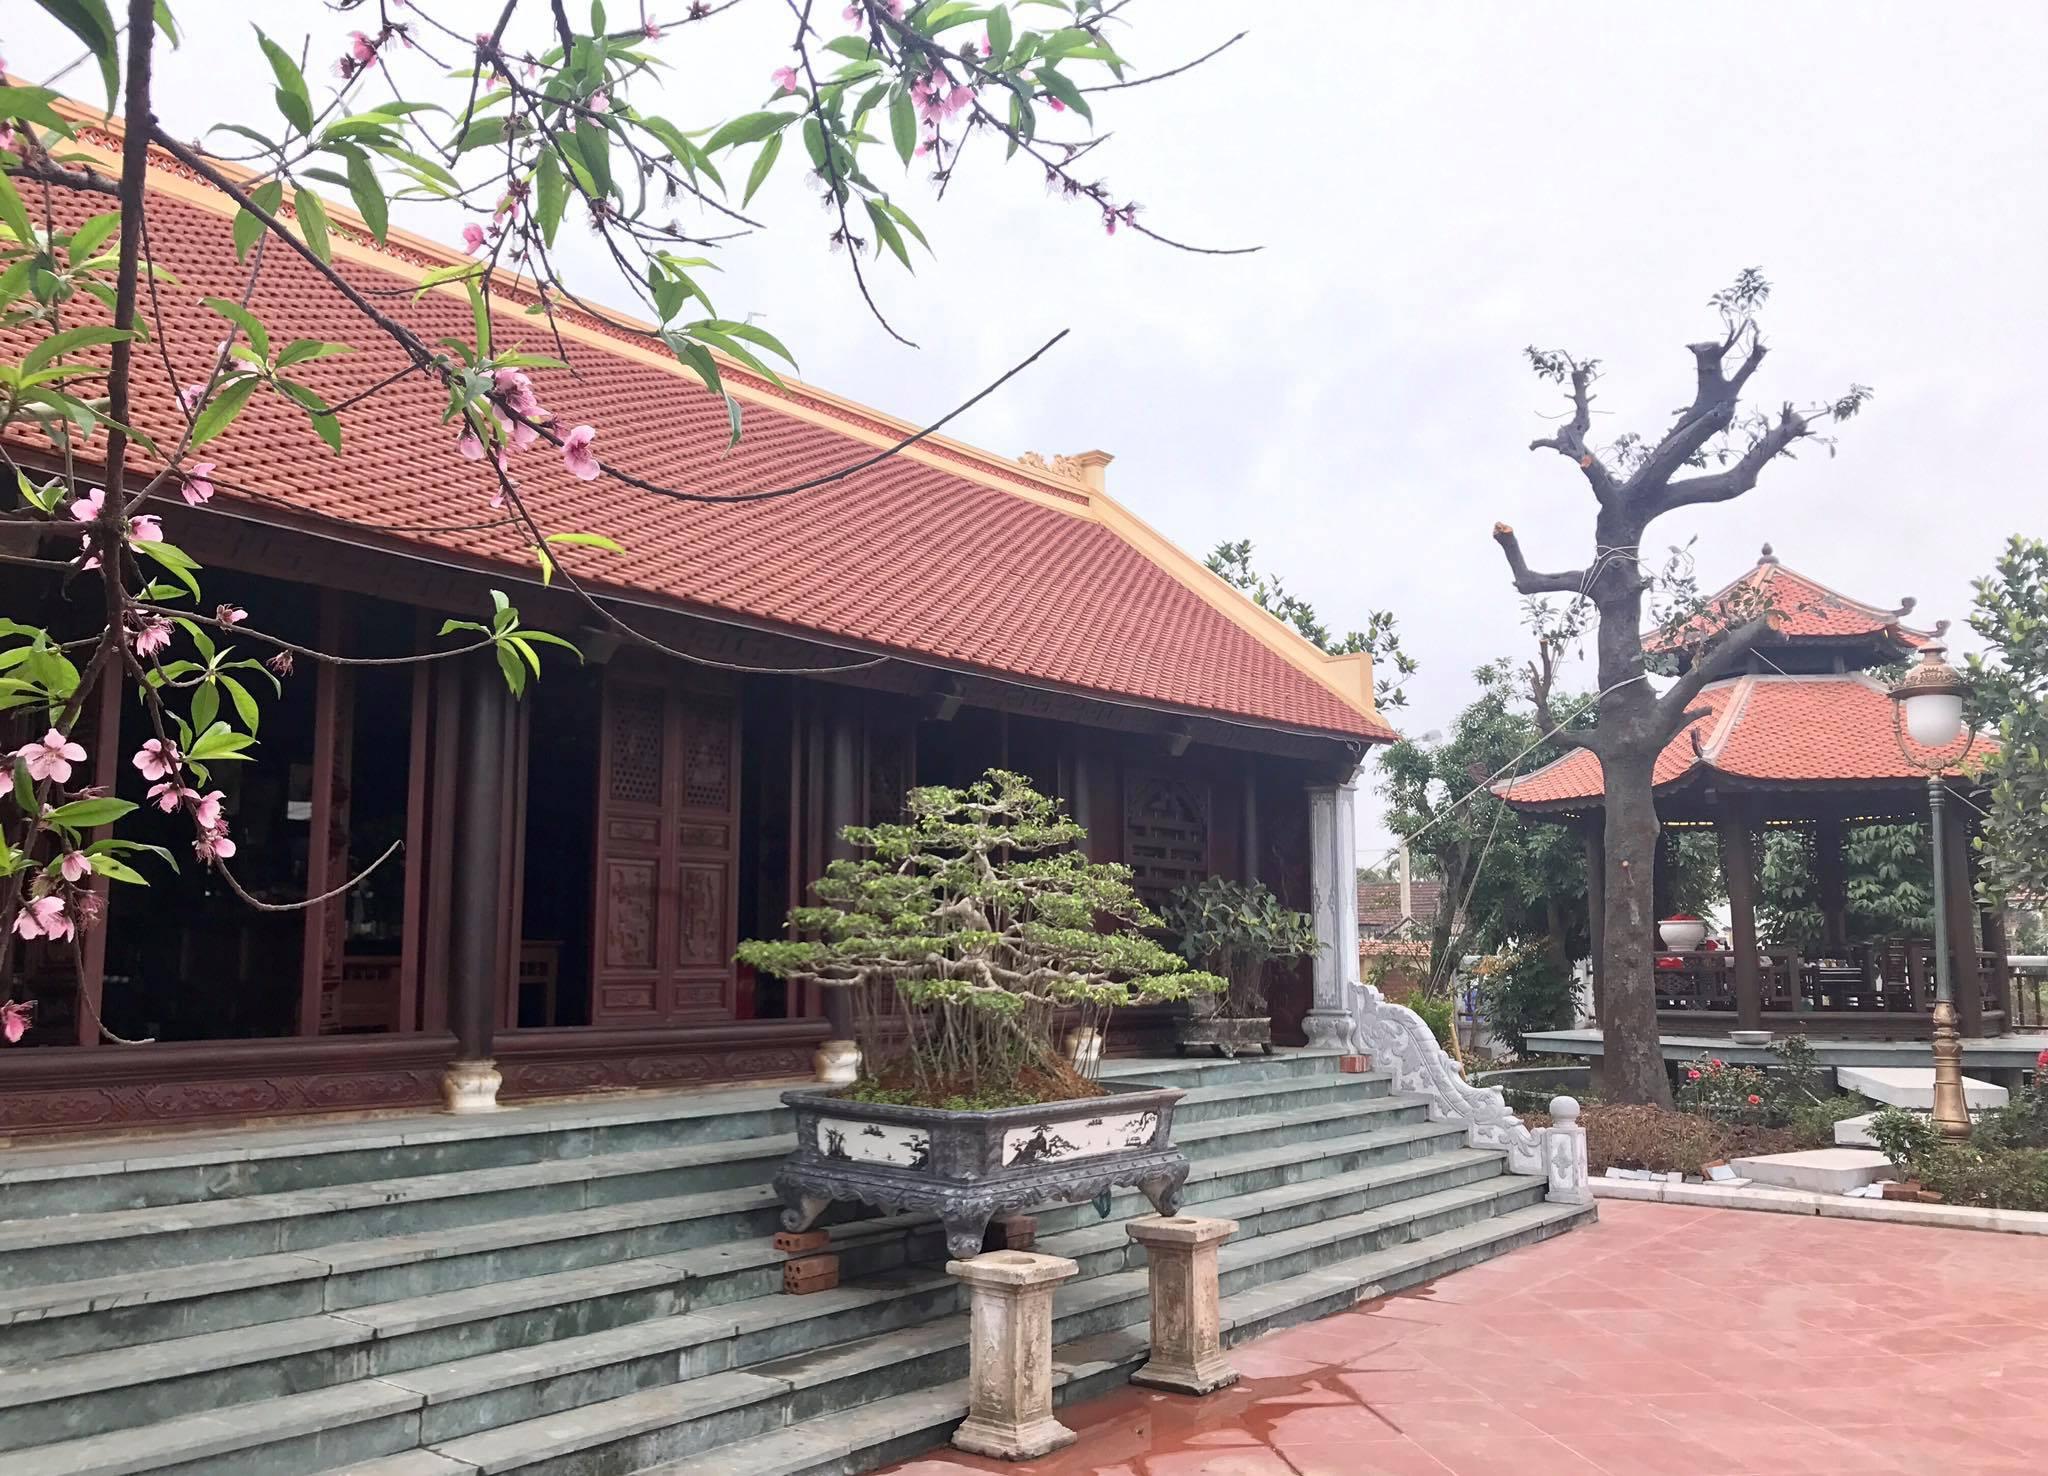 Cận cảnh nhà cổ trăm tuổi toàn bằng gỗ quý, đẹp hiếm có ở Nam Định - 9